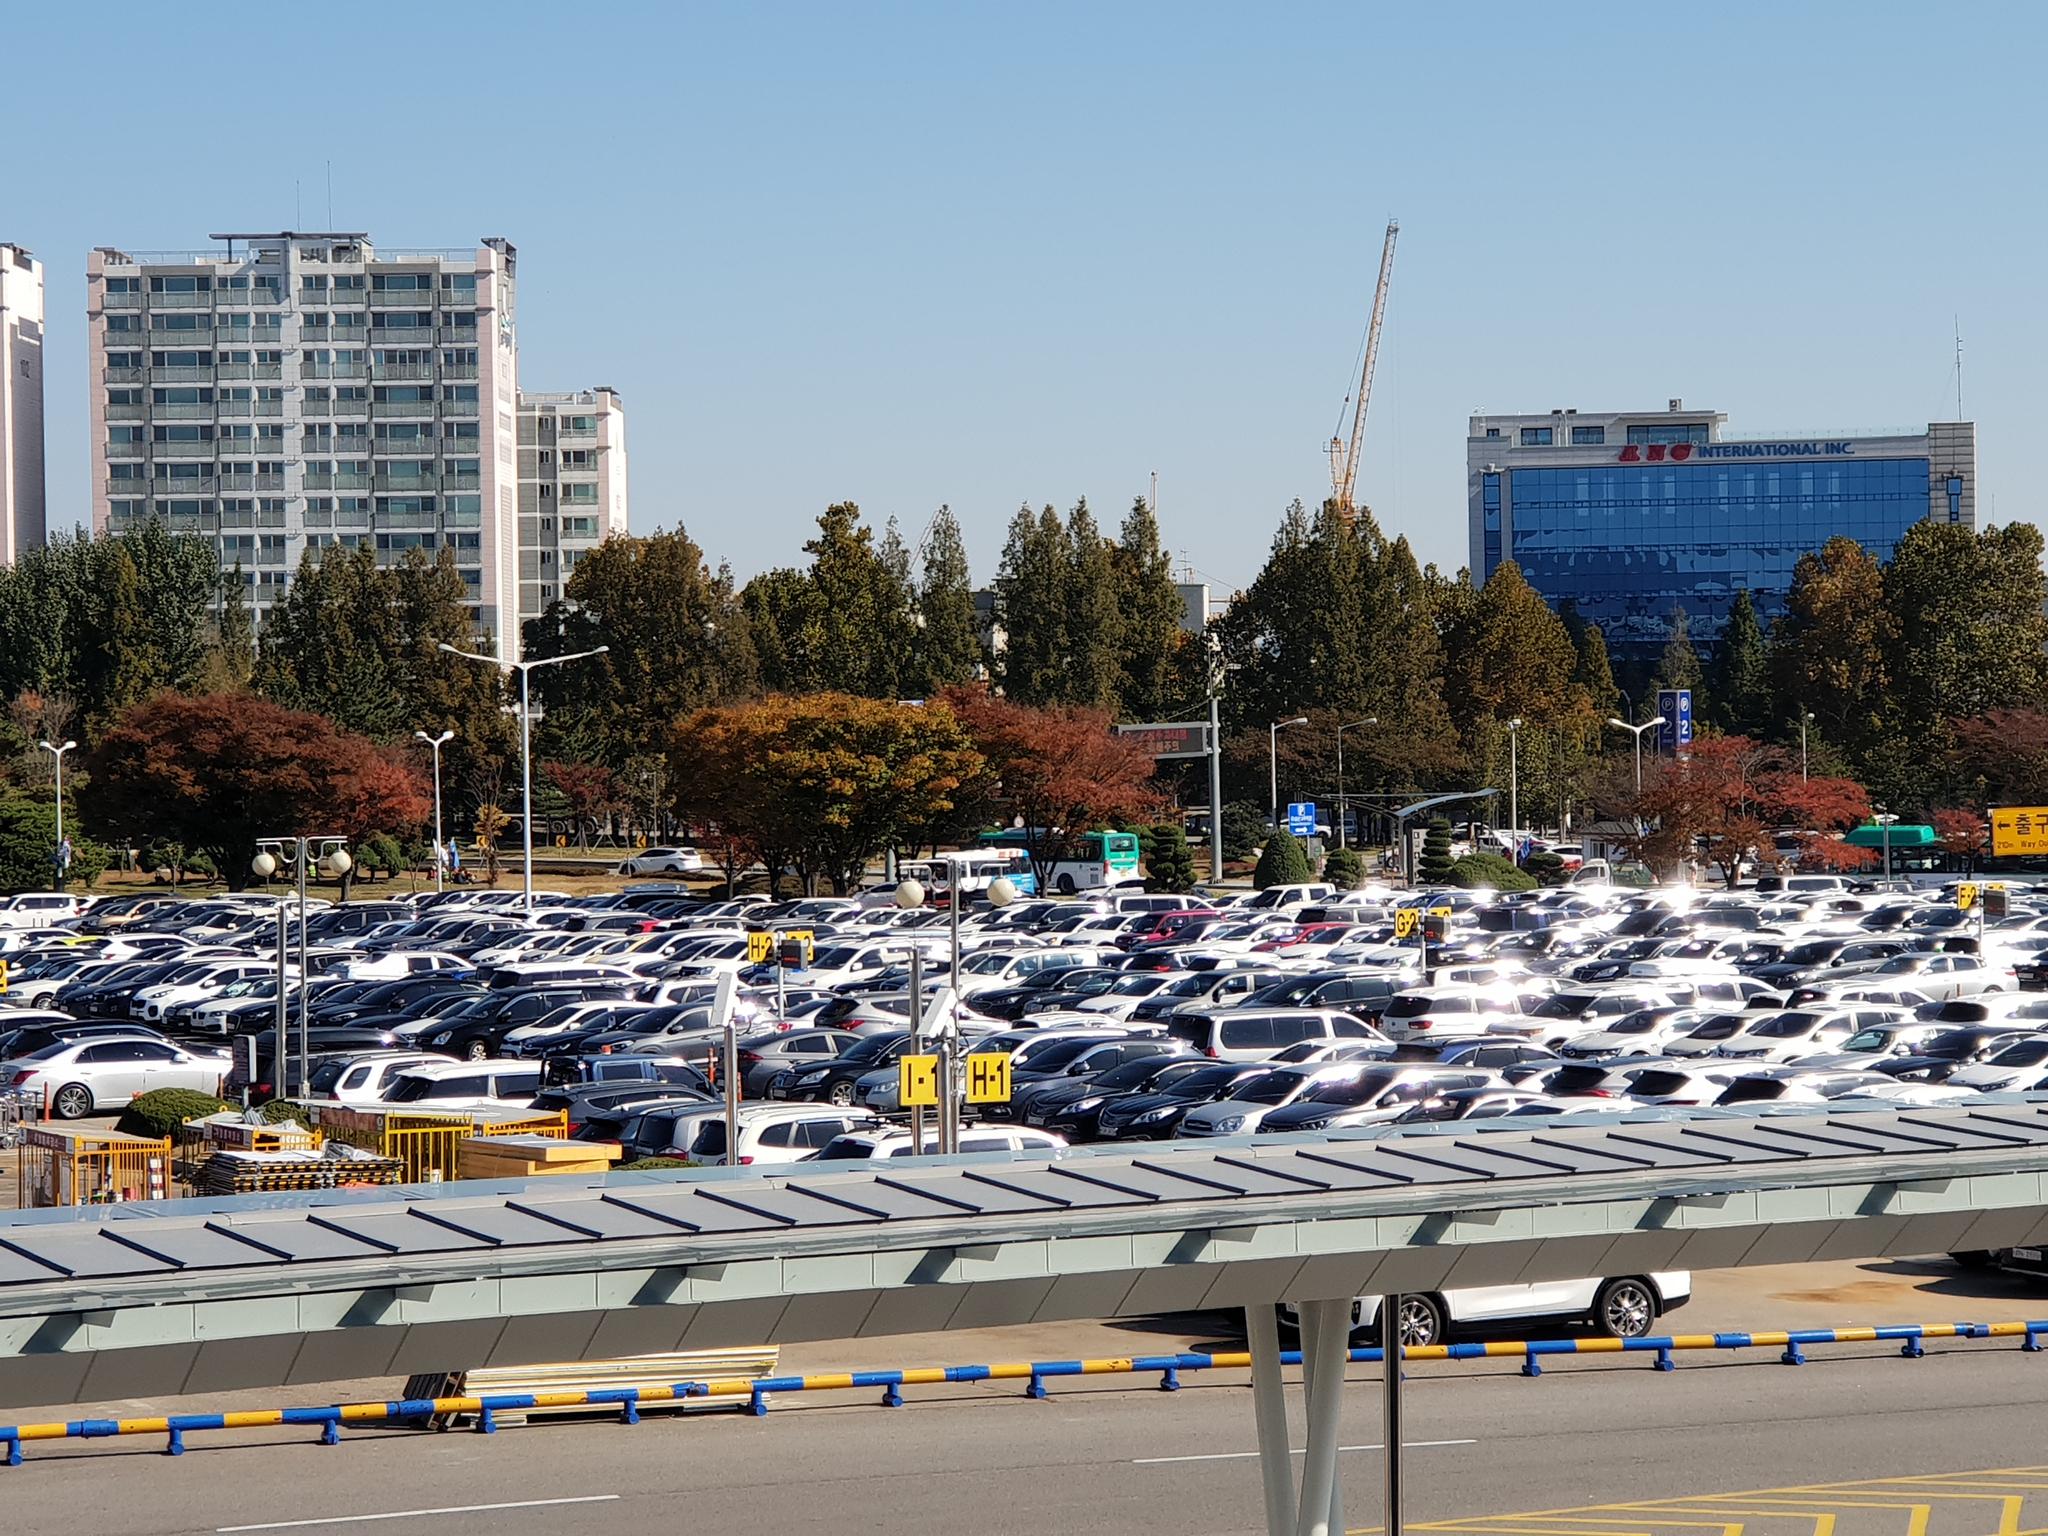 김포공항의 국내선 1주차장은 평일에도 주차할 공간이 없을 정도로 꽉 차있다. [강갑생 기자]